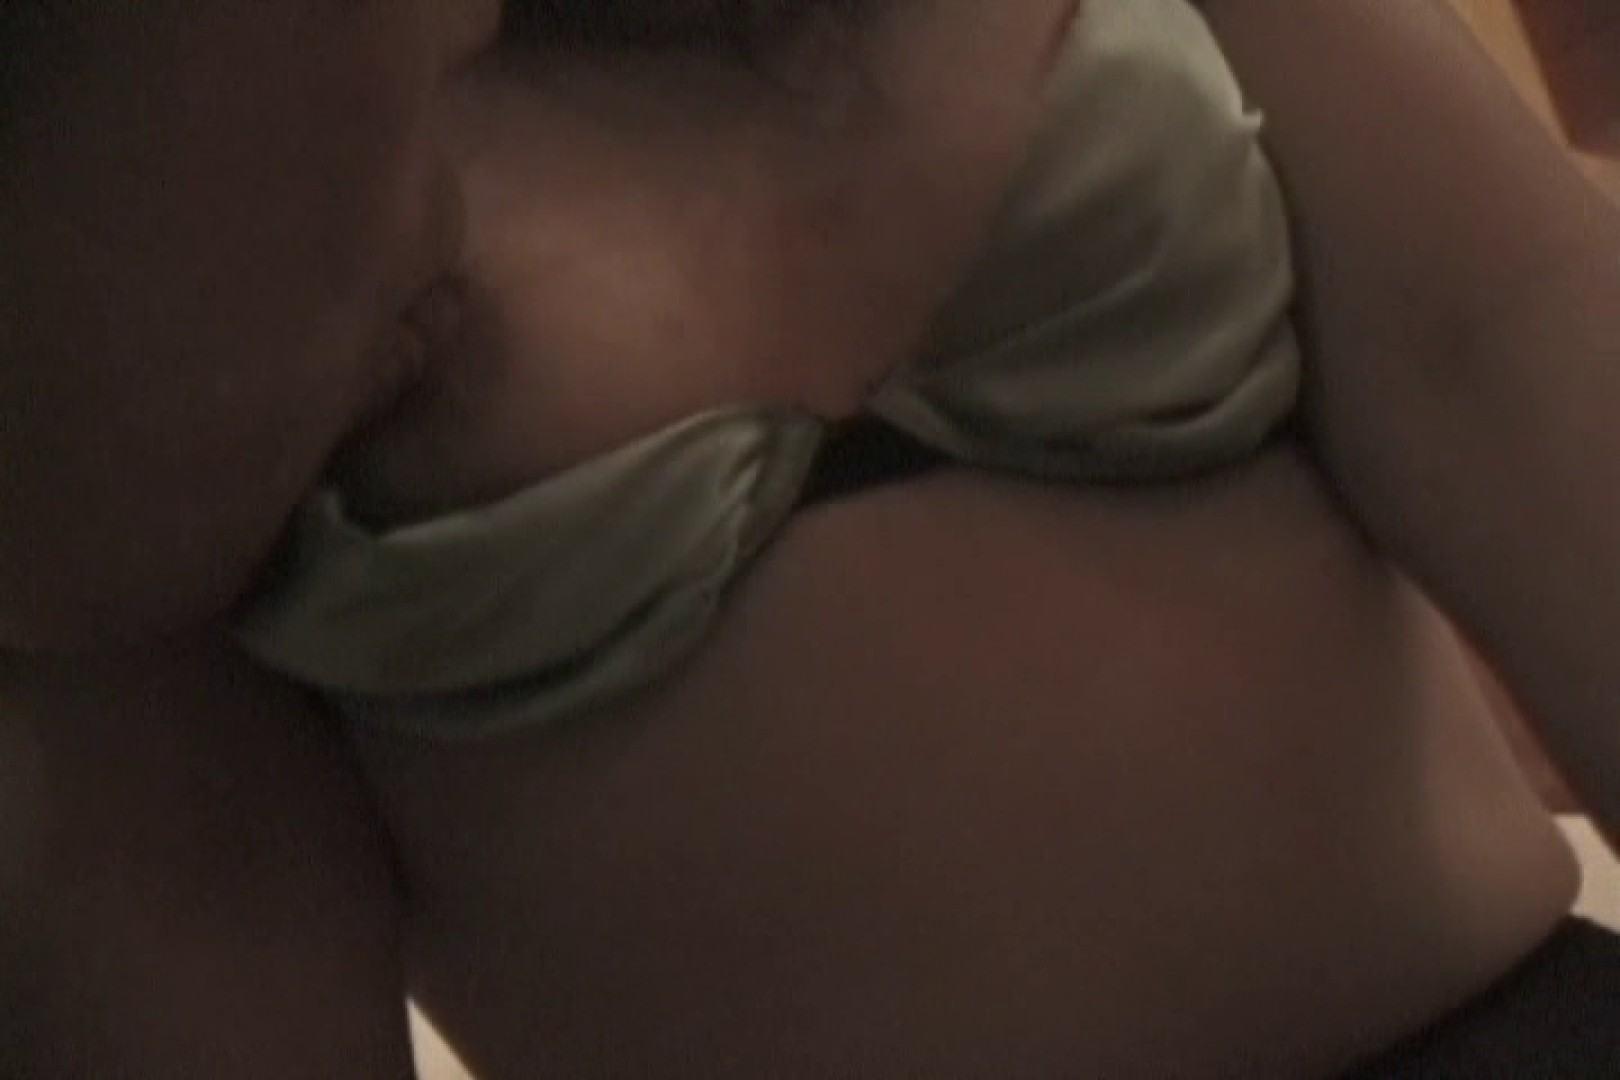 敏感な私の体を好きにして~川田さやか~ ローター | 乳首  48pic 39